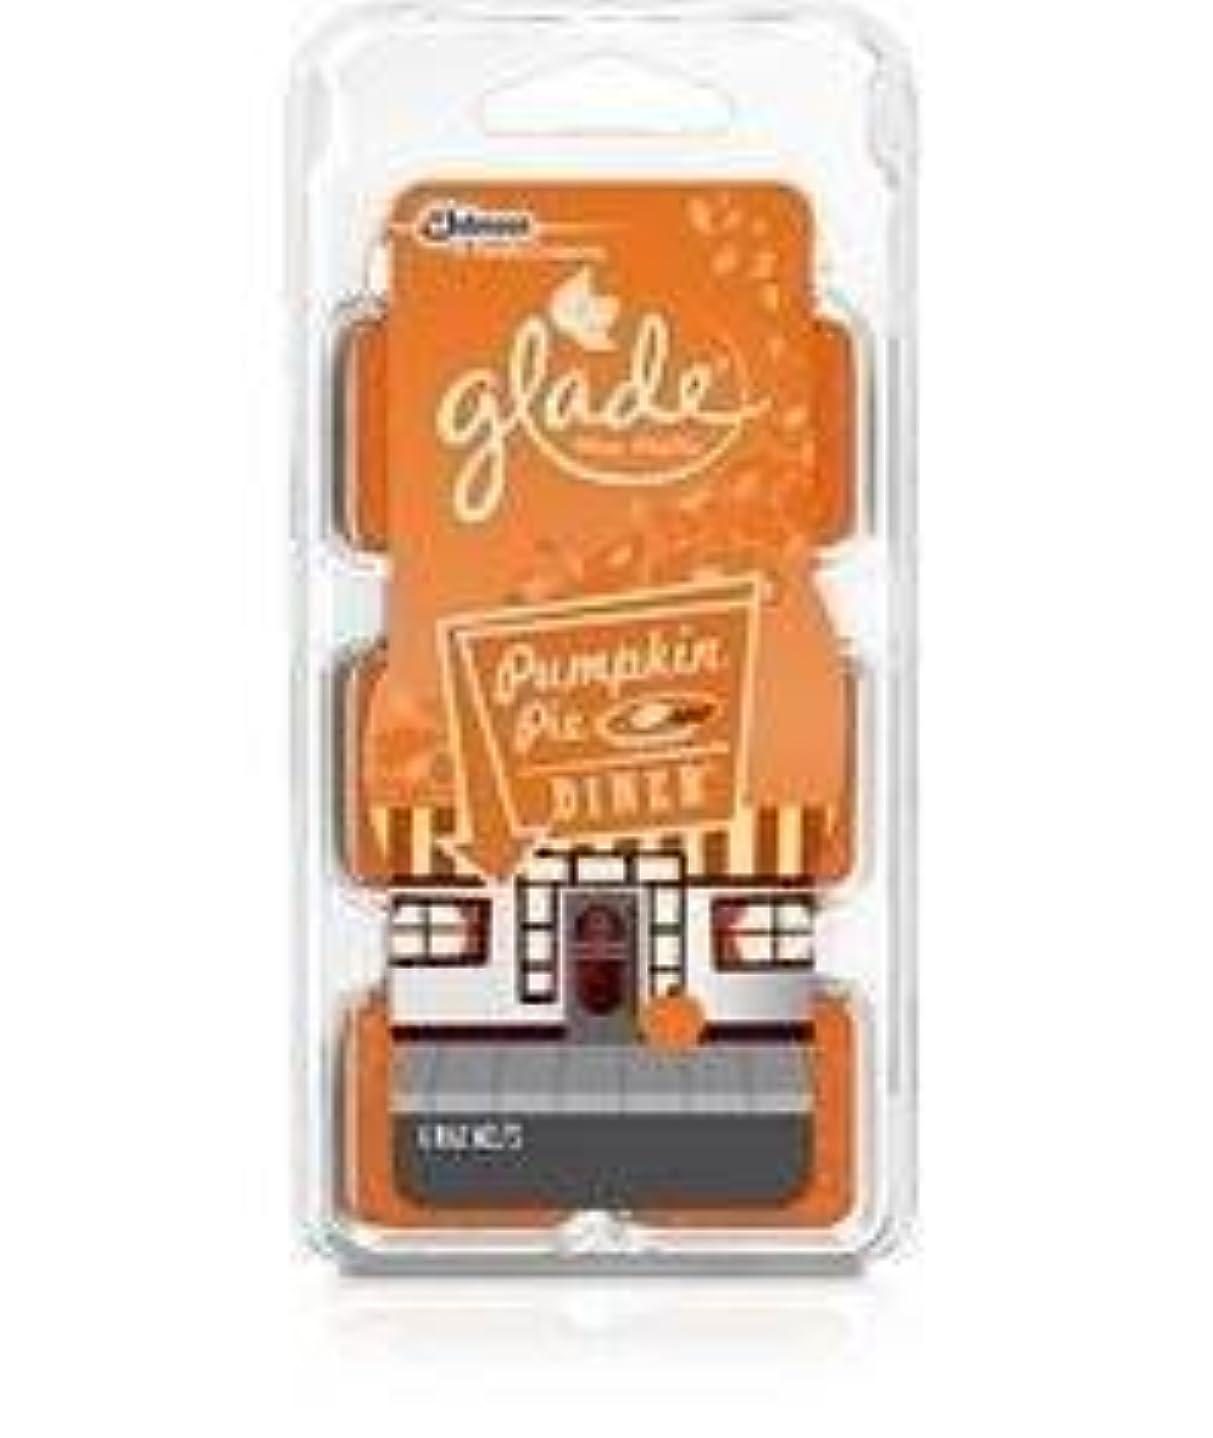 マチュピチュチューリップ助手GladeワックスMelts – Limited Edition冬コレクションfor the Holidays ( 3、パンプキンパイDiner ) by SCジョンソン